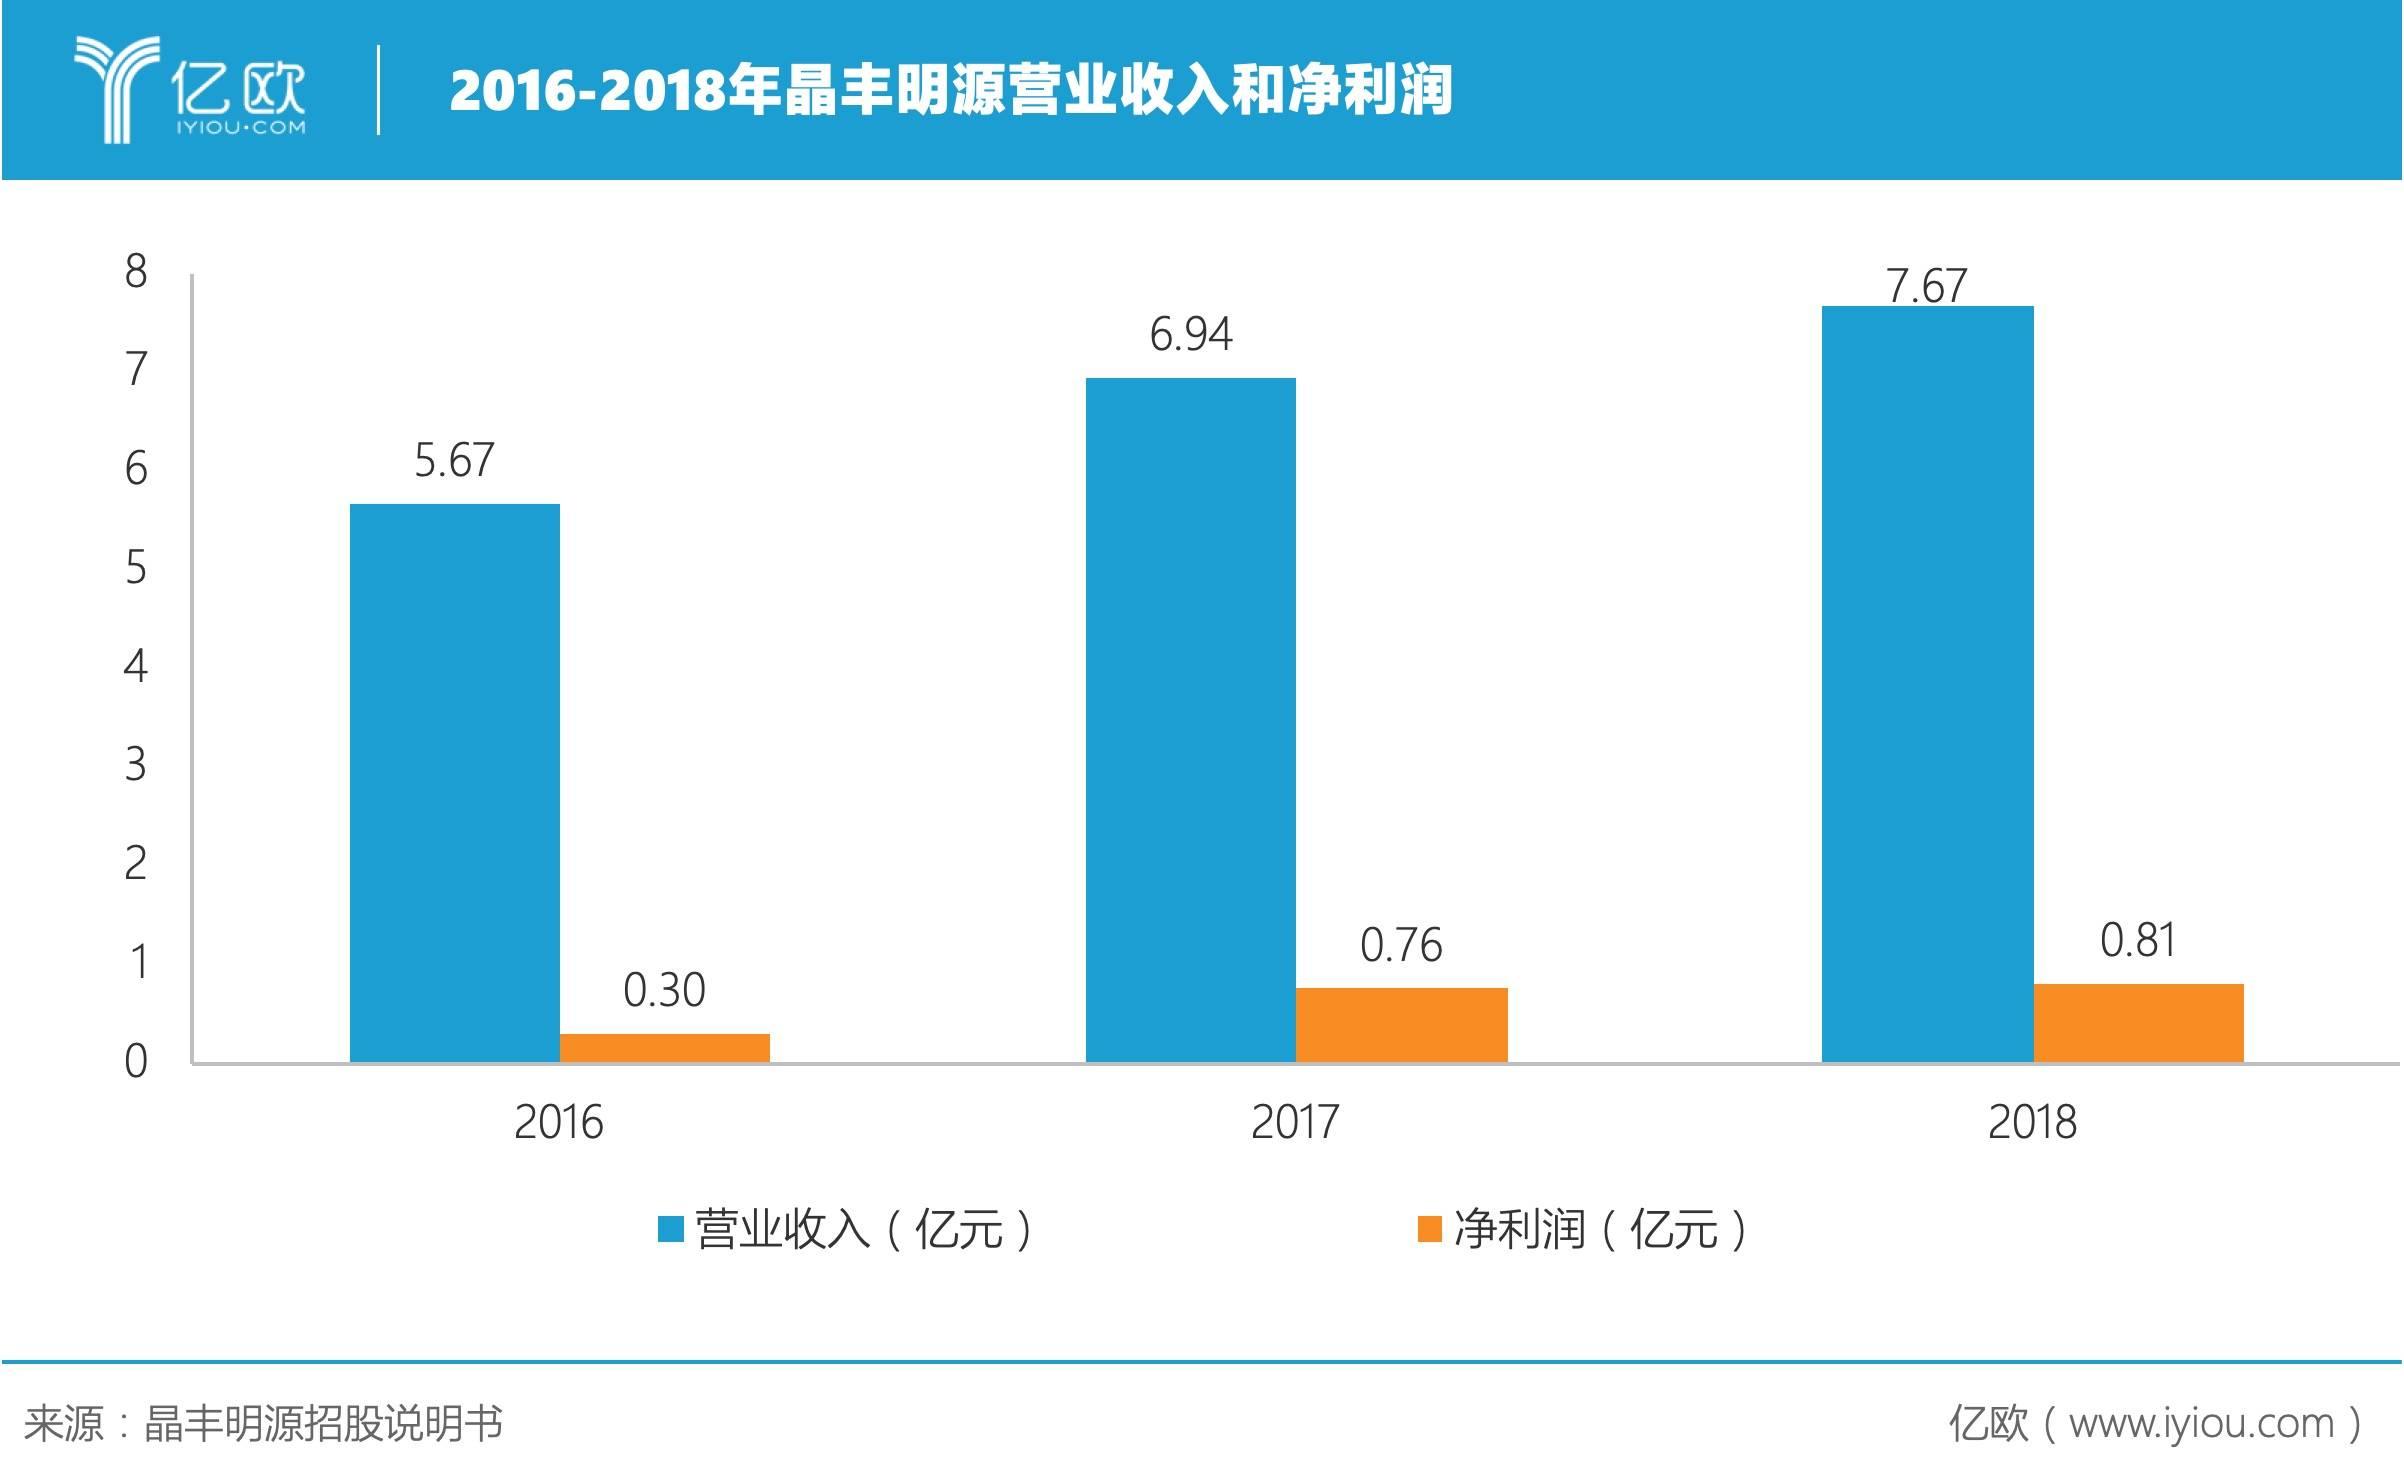 2016-2018年晶丰明源营业收入和净利润.jpeg